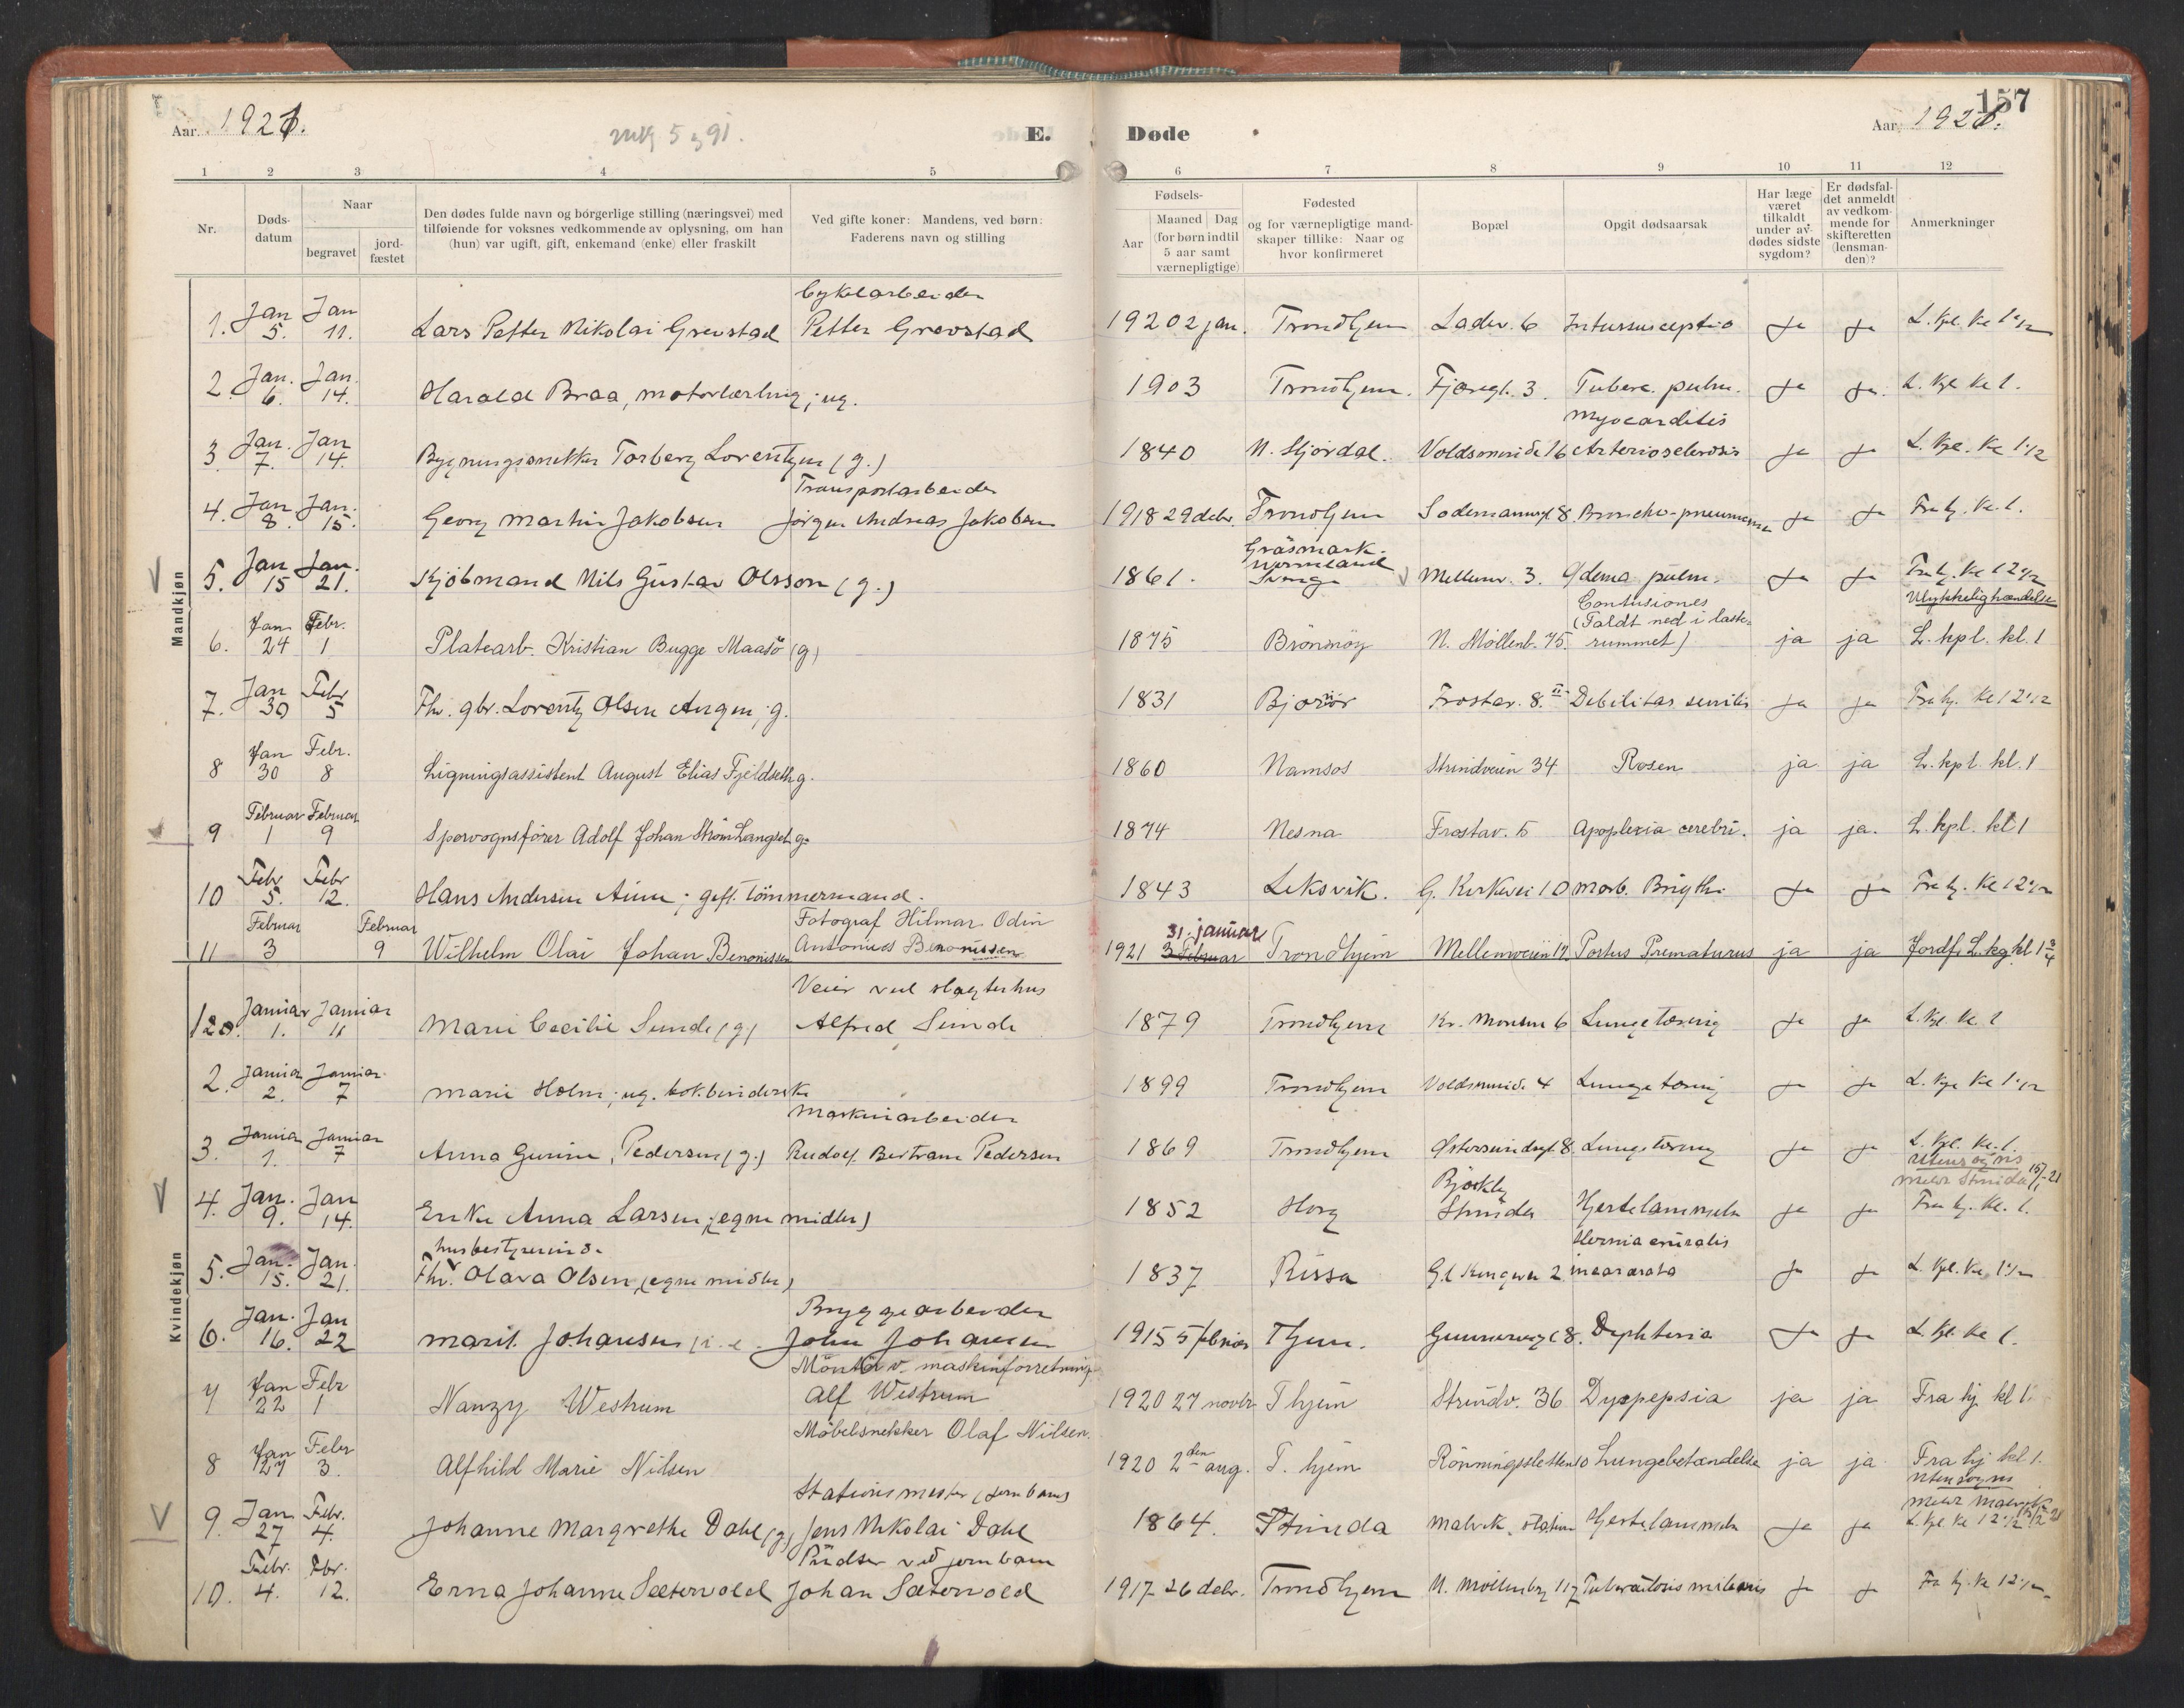 SAT, Ministerialprotokoller, klokkerbøker og fødselsregistre - Sør-Trøndelag, 605/L0245: Ministerialbok nr. 605A07, 1916-1938, s. 157